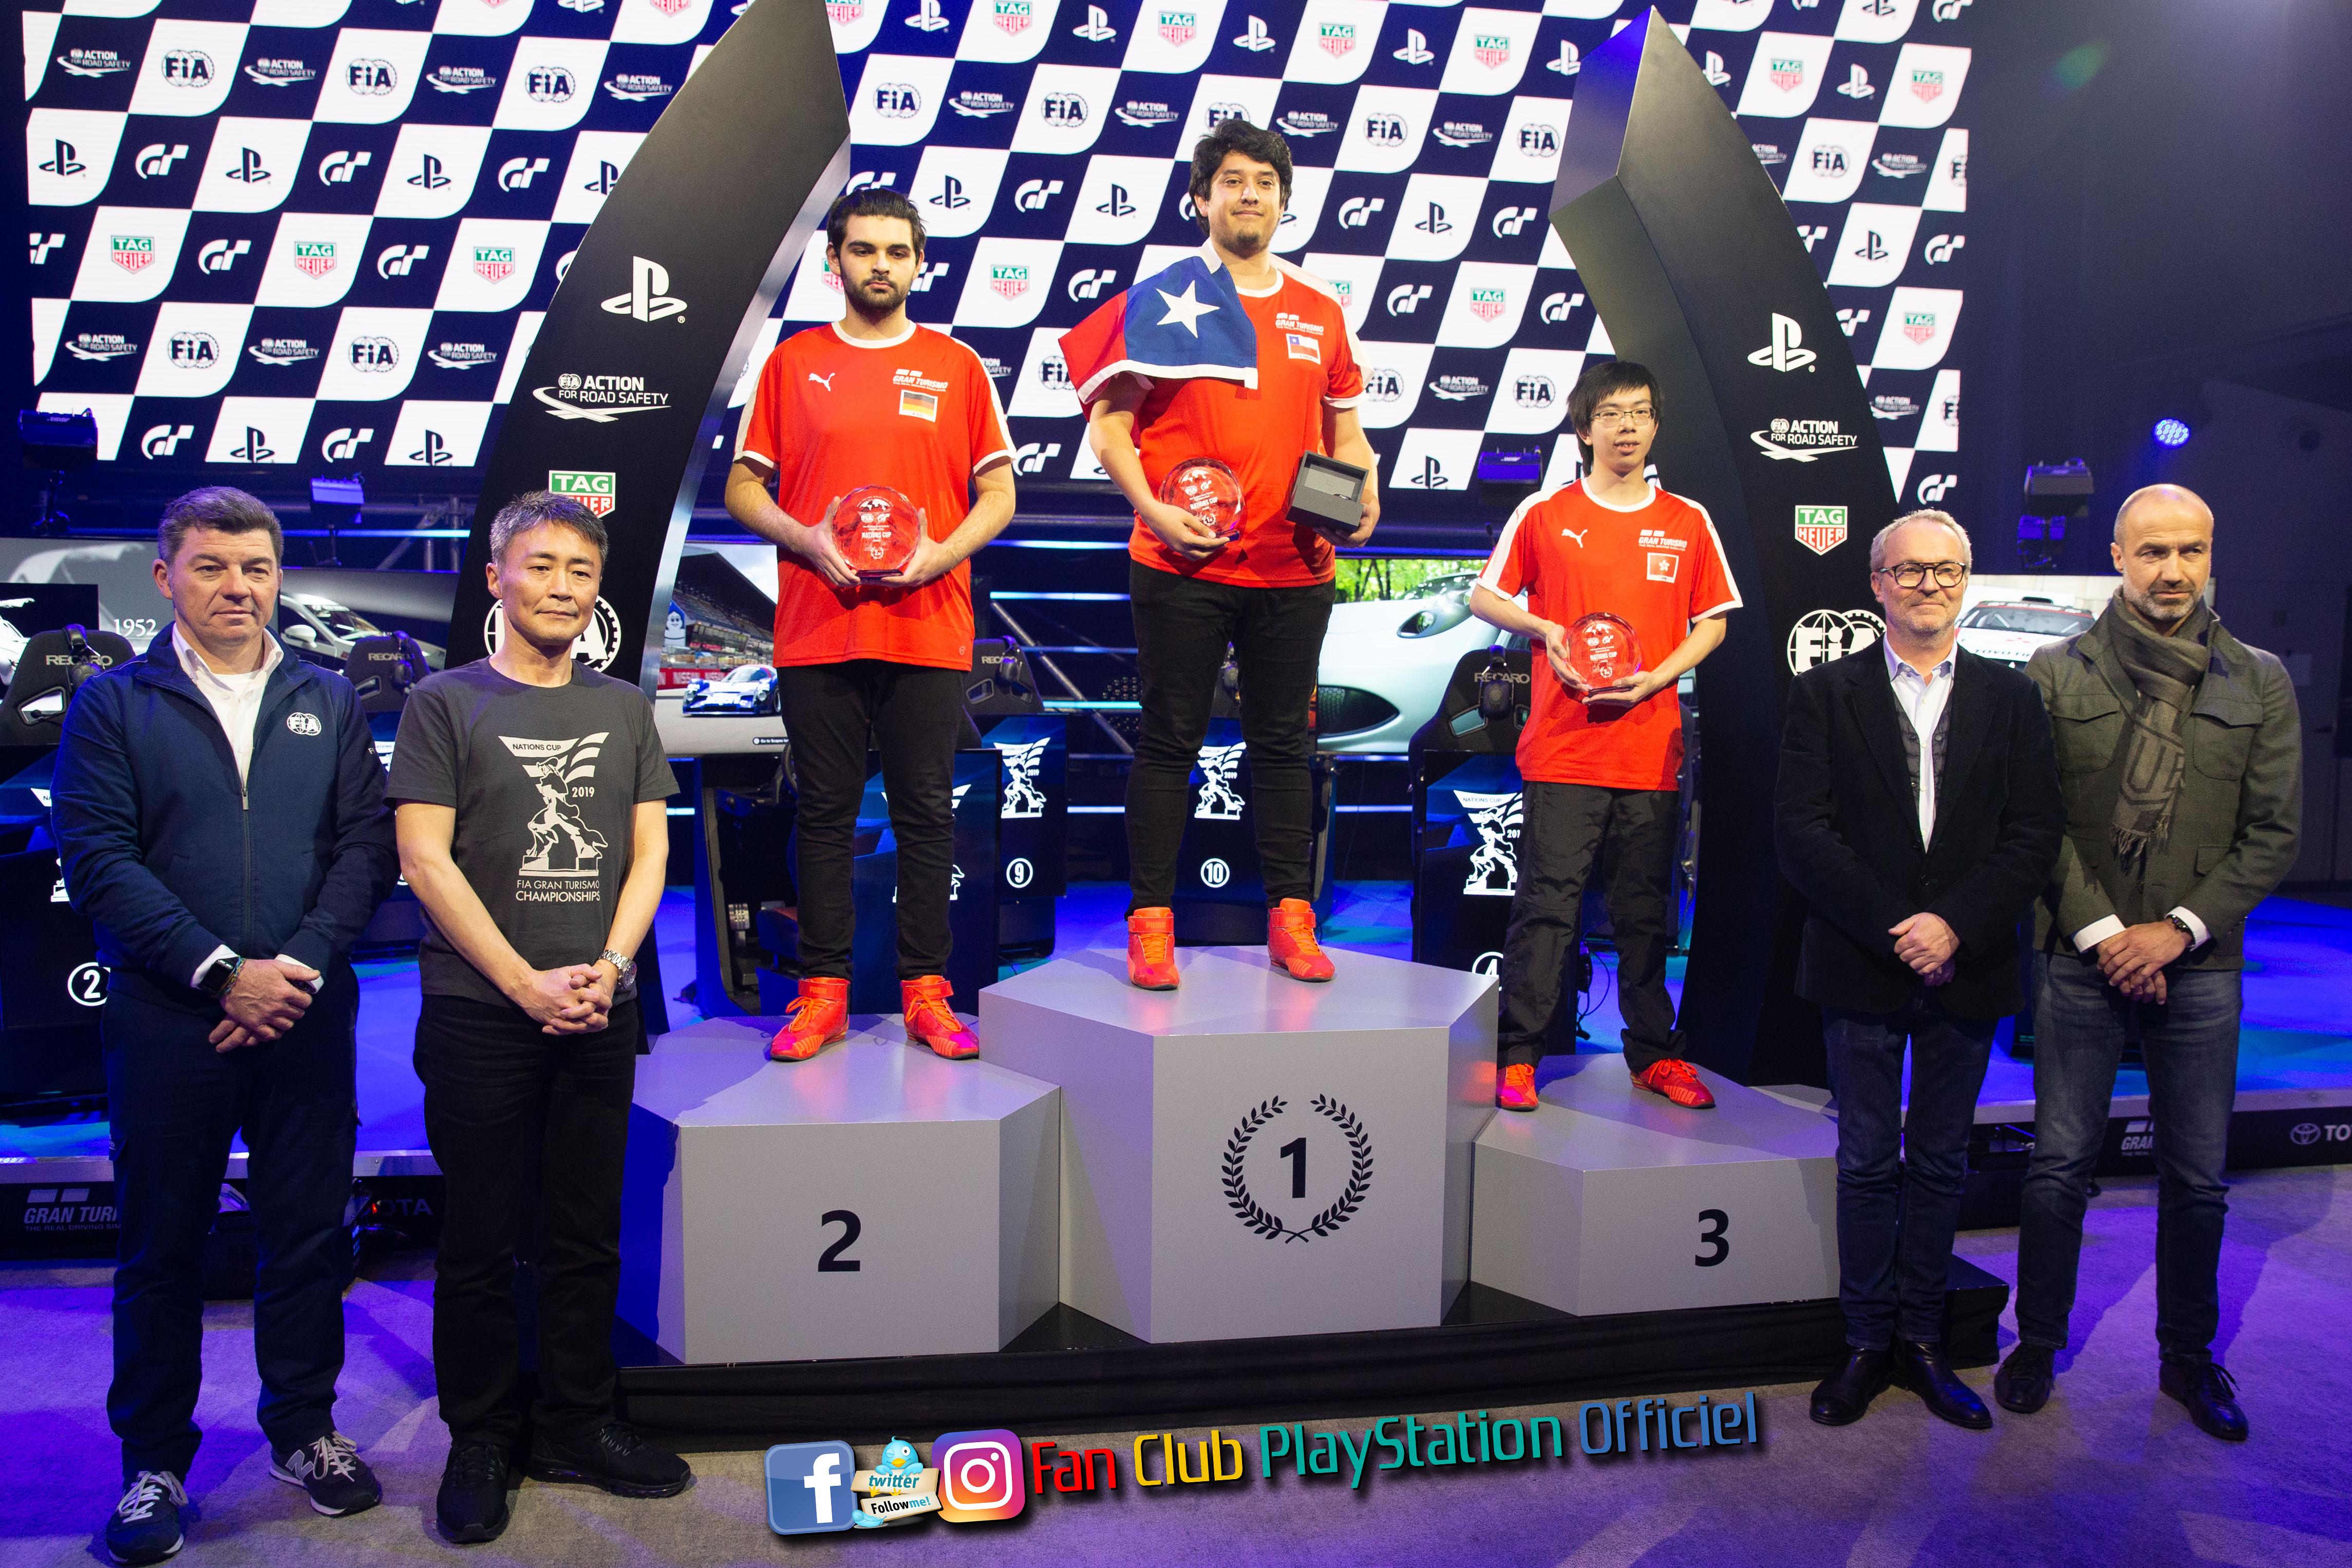 le podium des gagnants